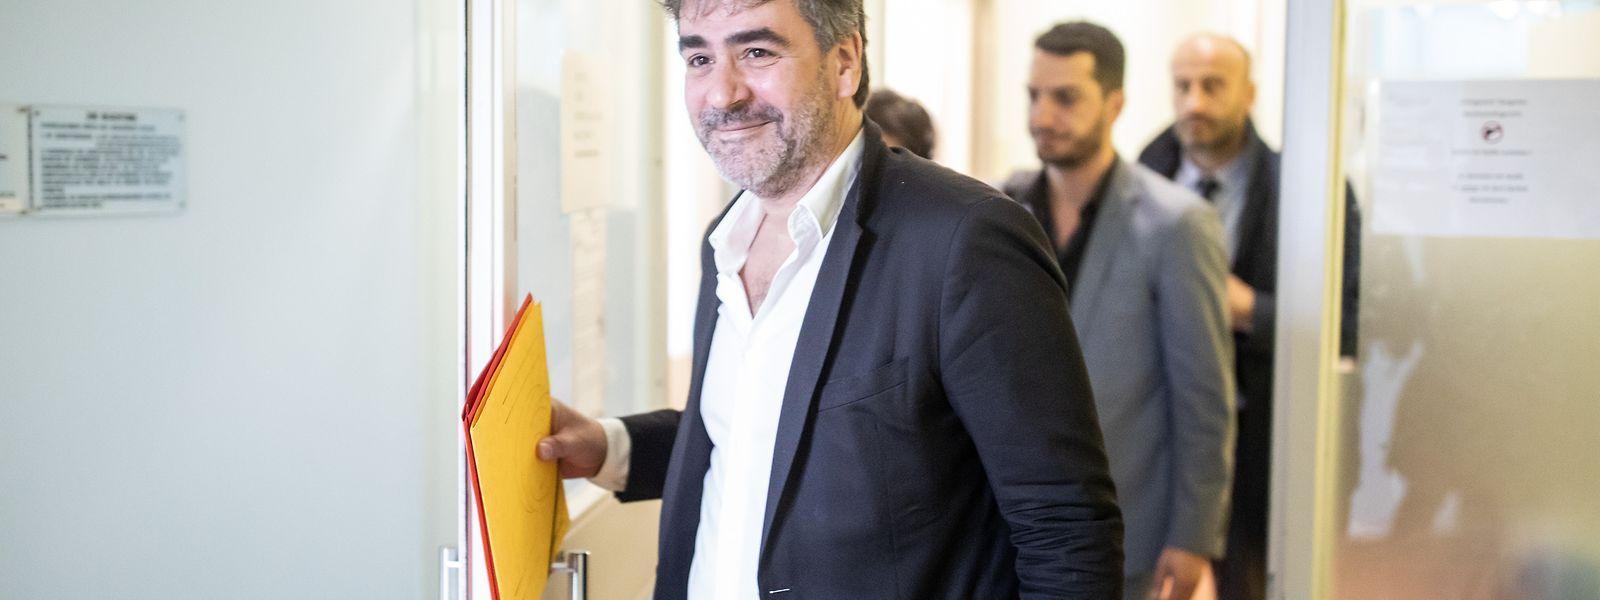 Deniz Yücel saß in der Türkei in Untersuchungshaft, weil ihm das Verbreiten von Propagandamitteln verfassungswidriger Organisationen vorgeworfen wurde.